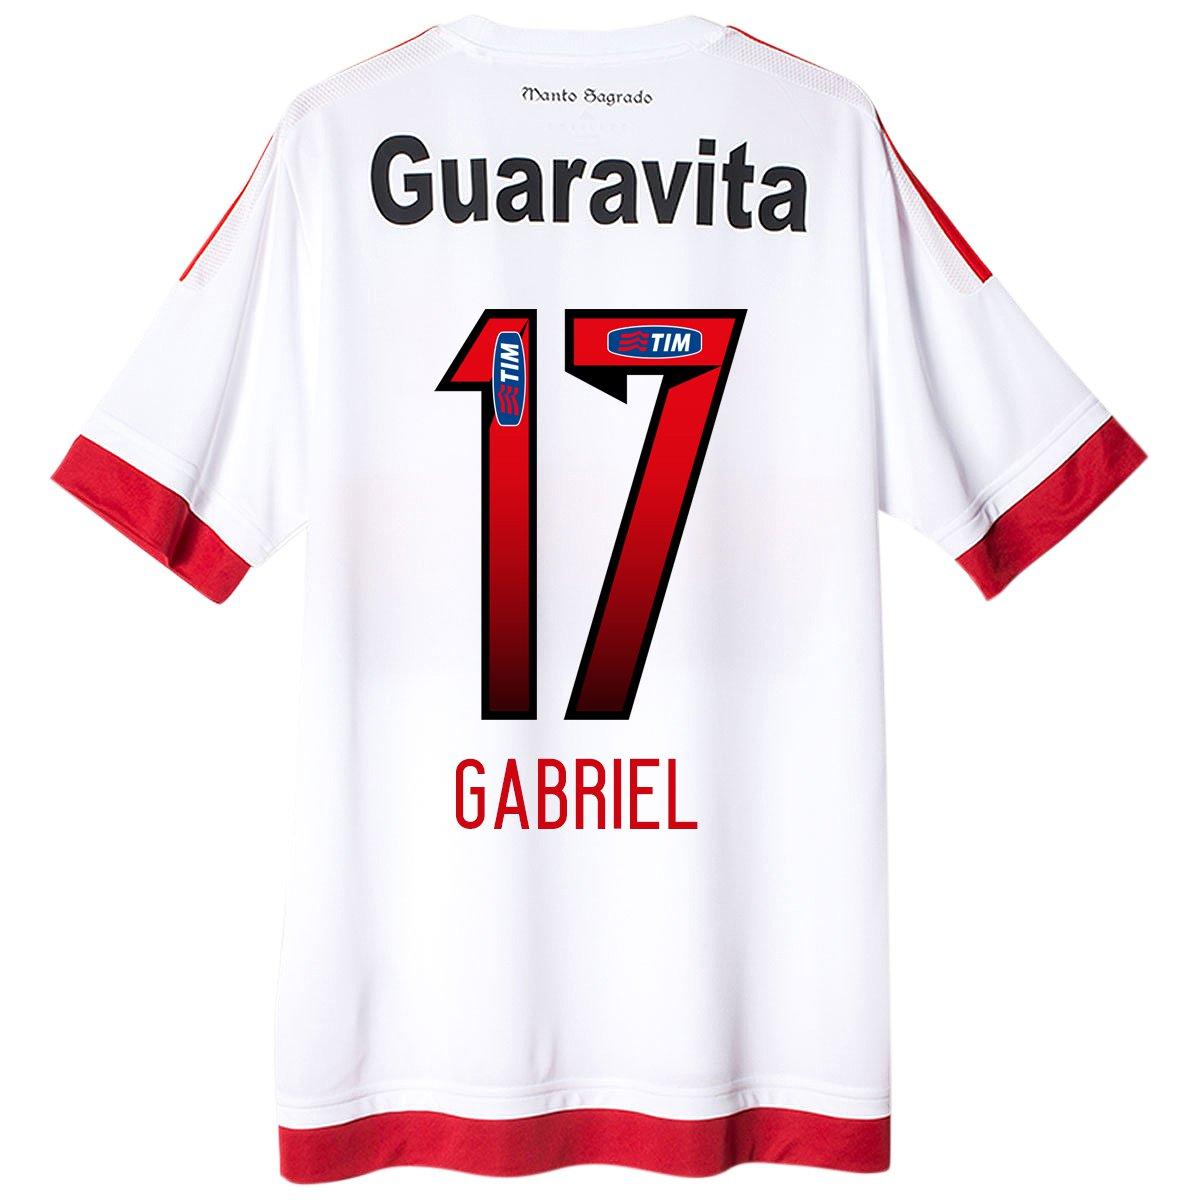 Camisa Adidas Flamengo II 15 16 nº 17 - Gabriel - Compre Agora ... 7950f28d23fdd